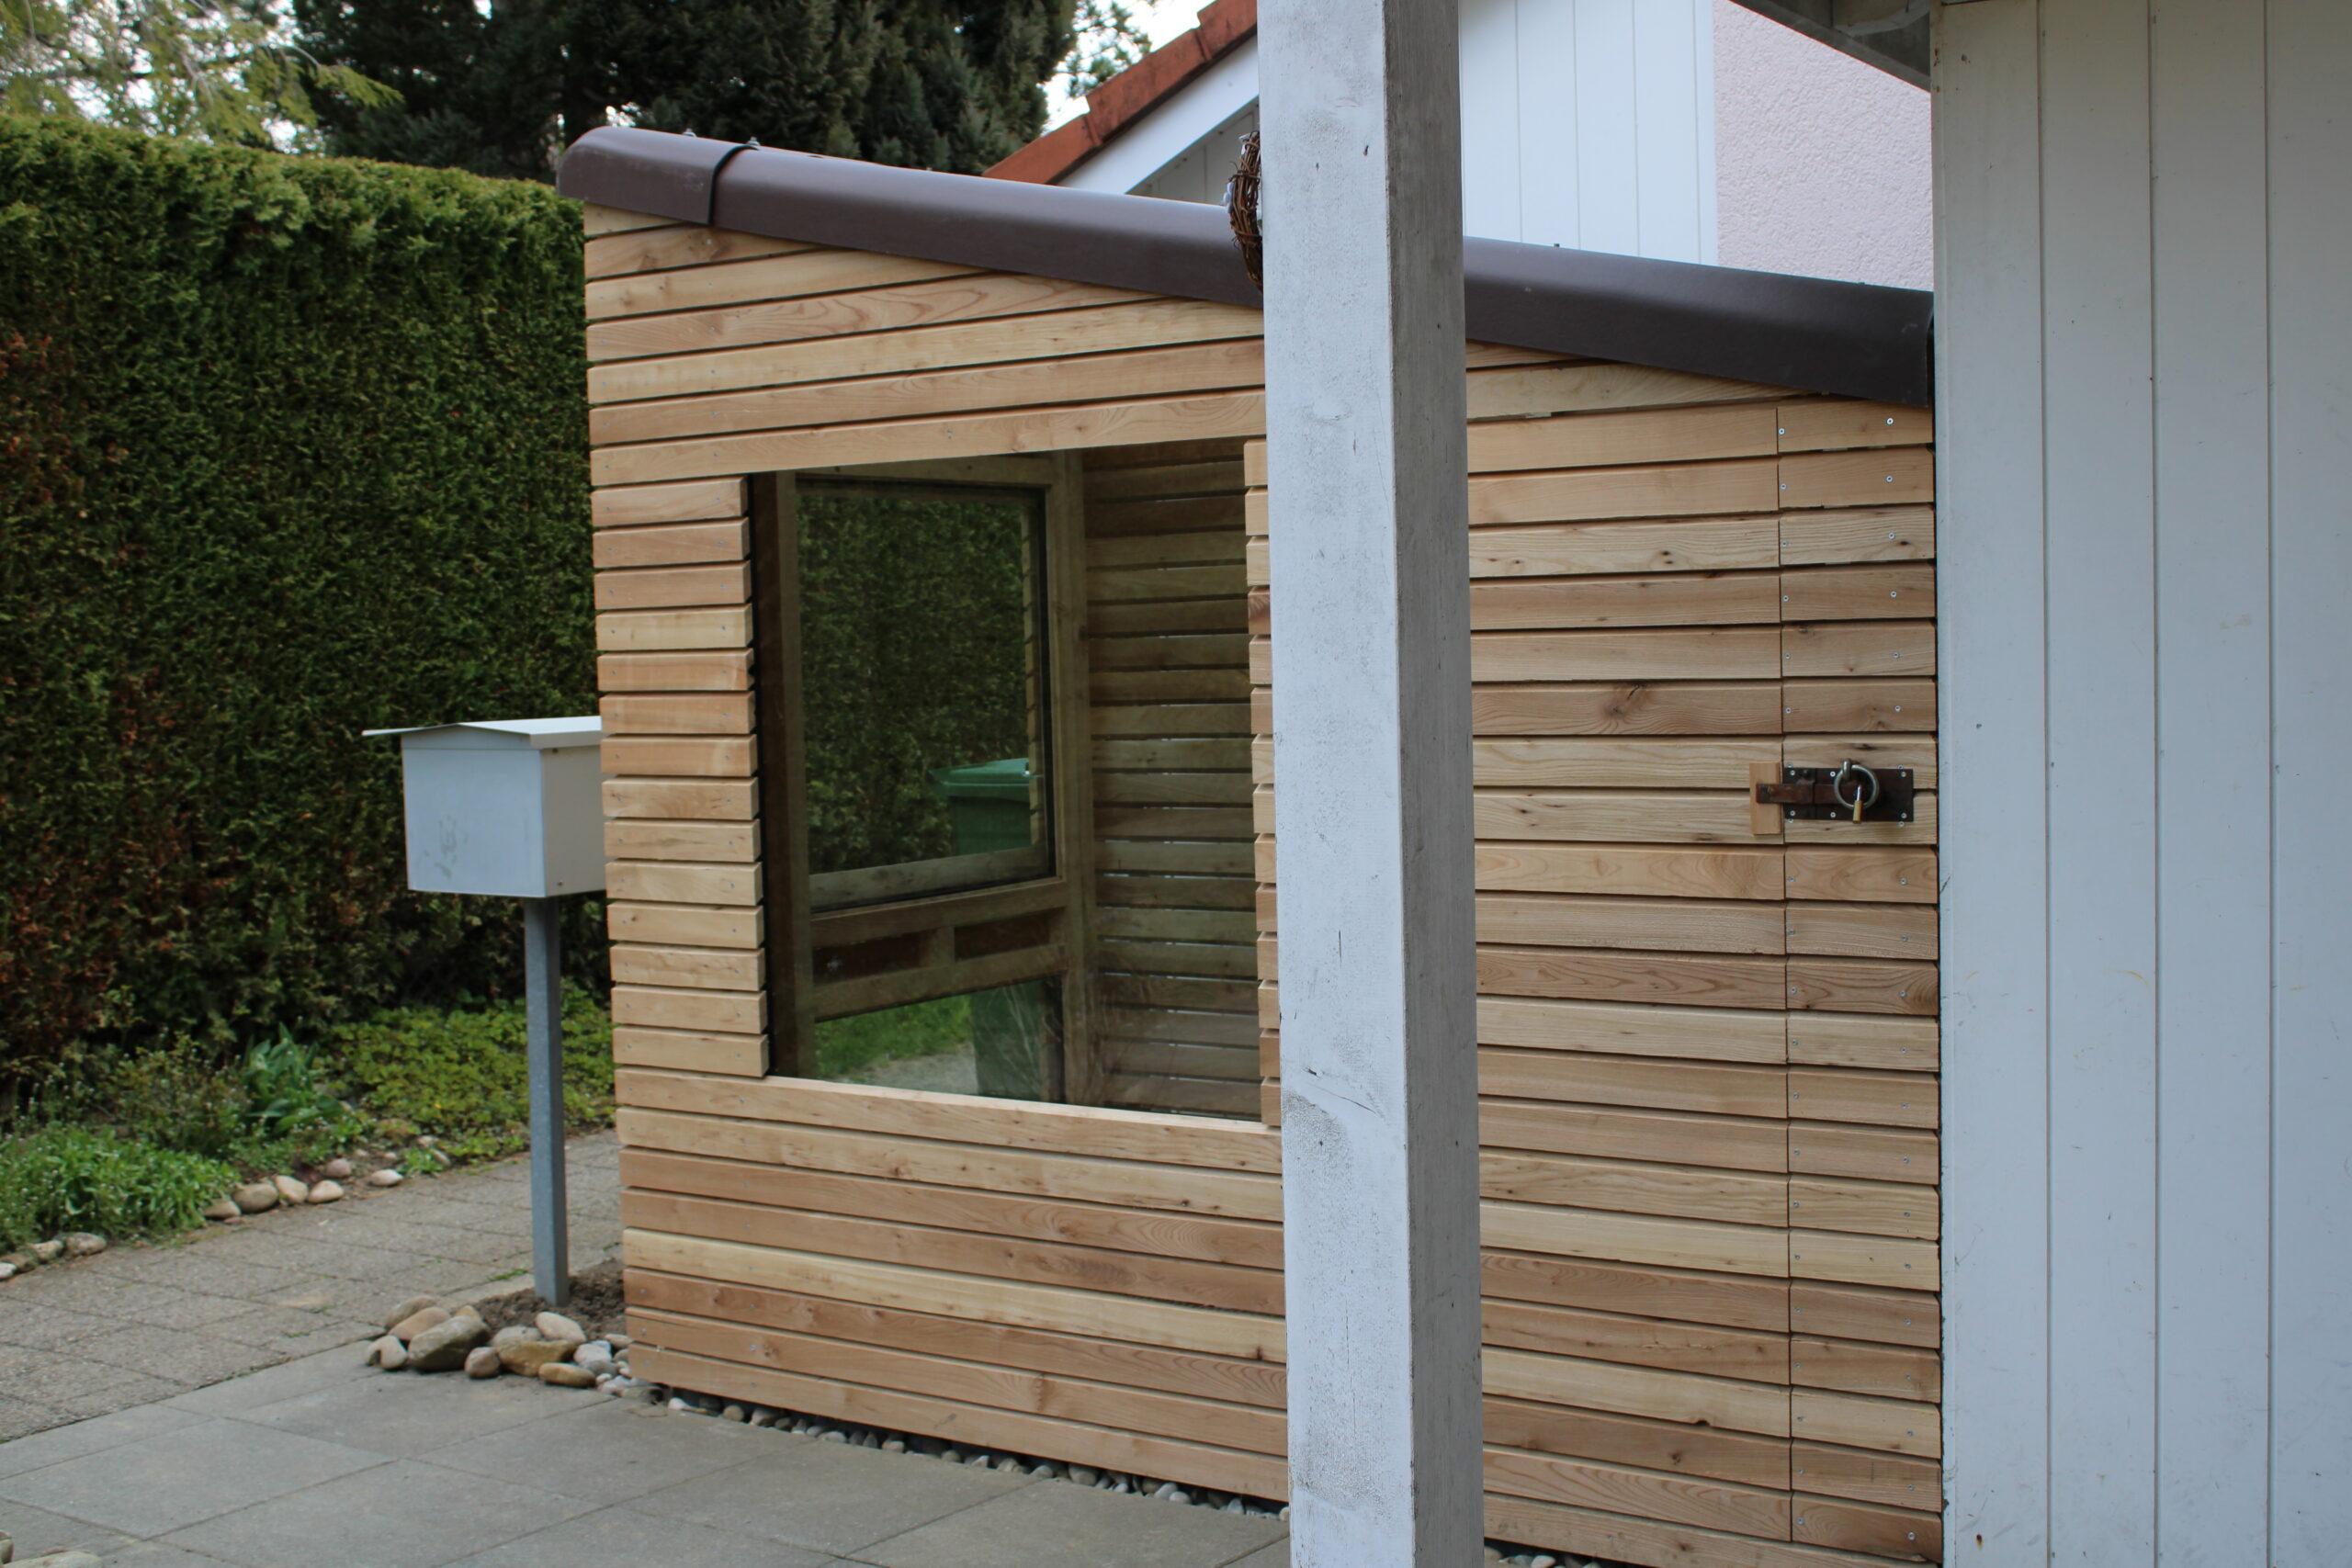 Gartenhaus aus Eibe von der Zimmerei / Schreinerei Holz-Werke.ch in Kirchberg SG.